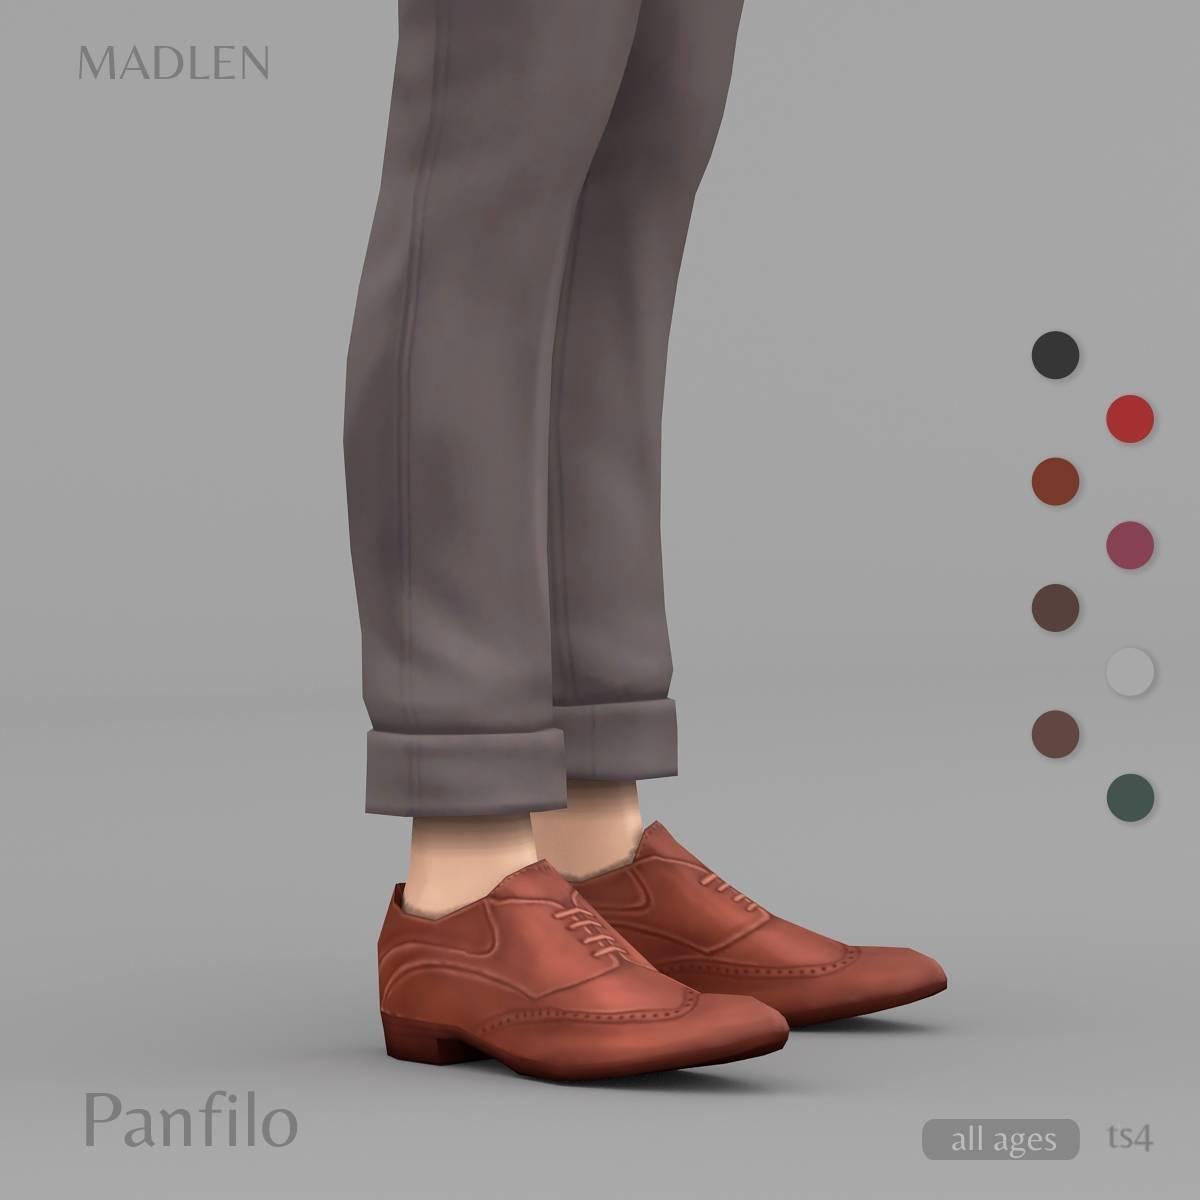 Ботинки - Panfilo Shoes